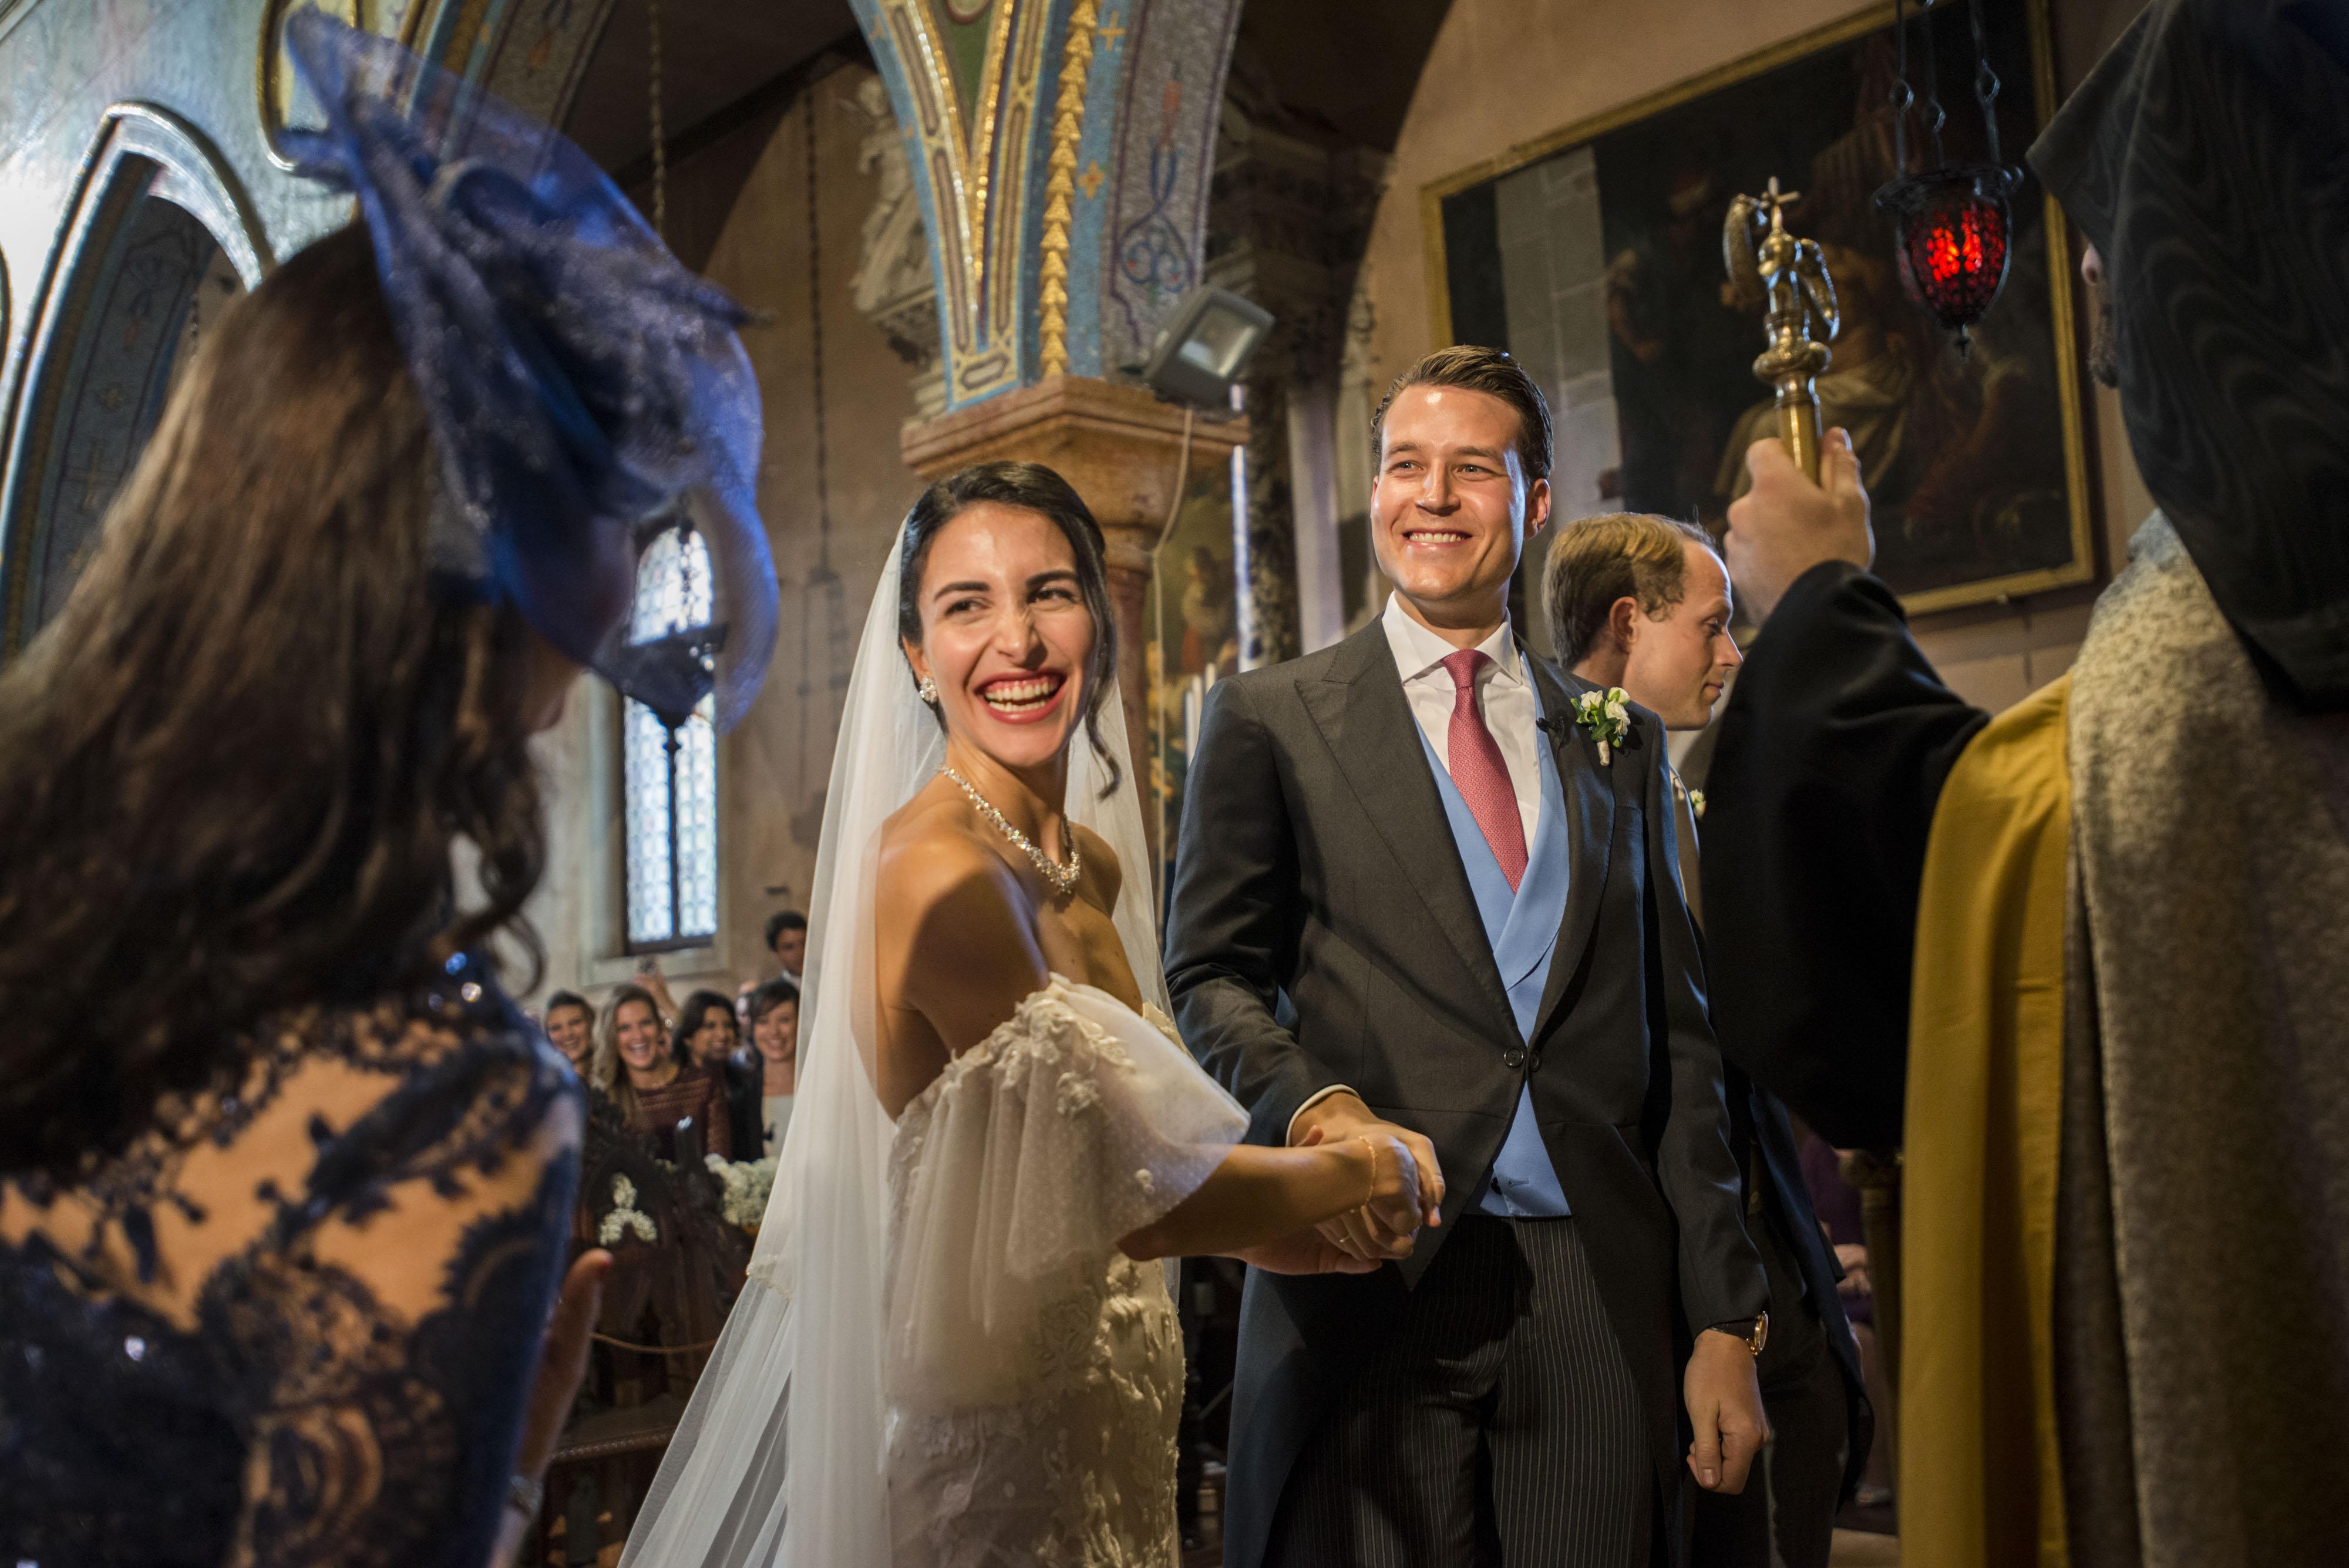 Hochzeit in Venedig , Lido di Venezia, Hotel Excelsior, kirche san lazzaro degli armeni